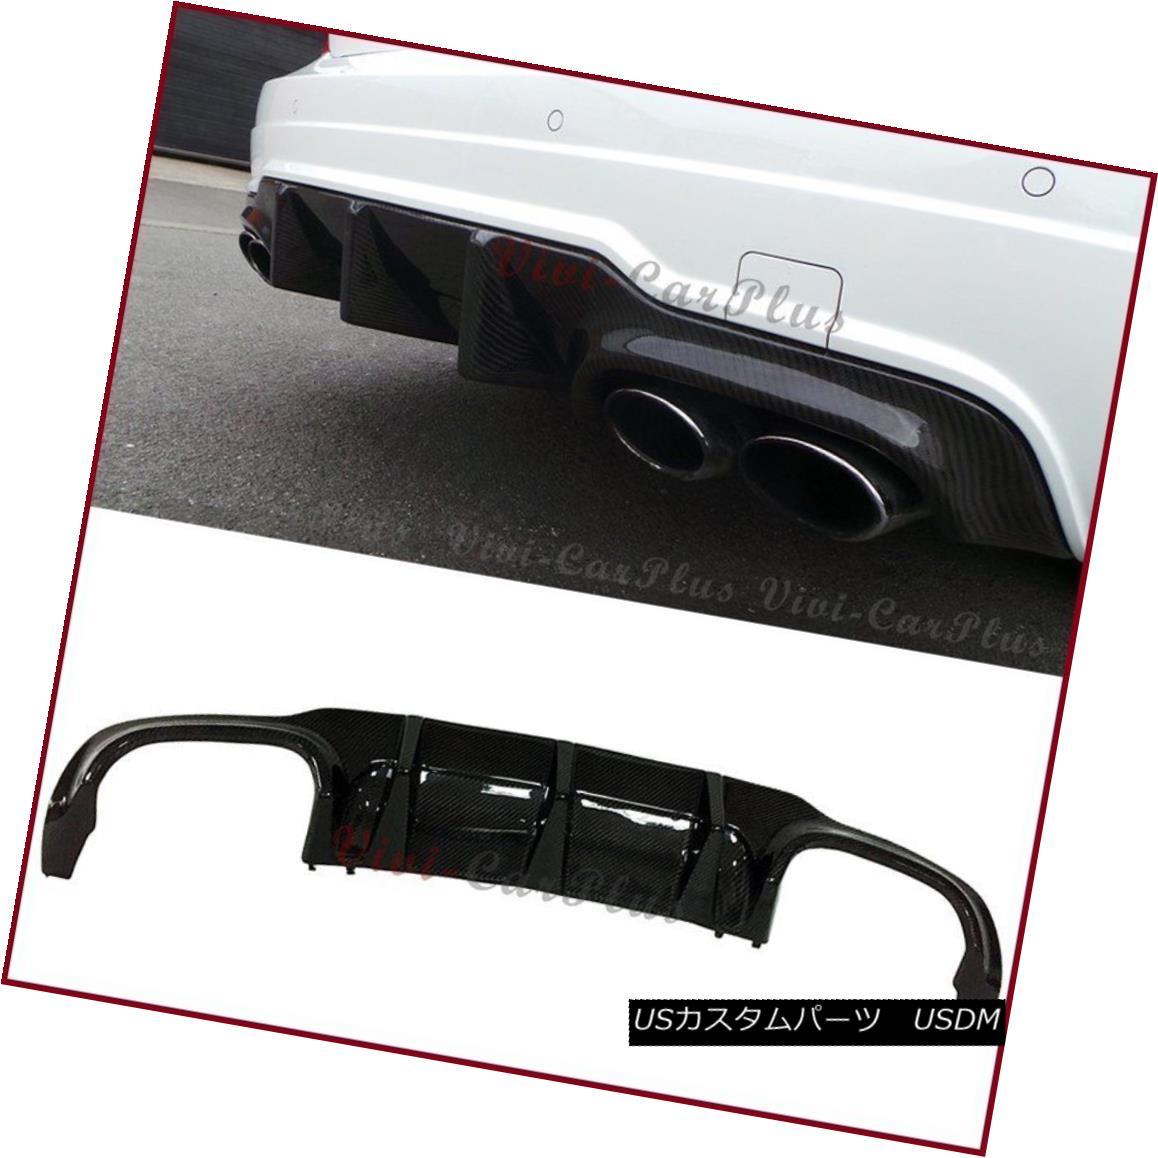 エアロパーツ For 12-14 M-Benz W204 C-Class V2 Type Carbon Fiber Rear AMG Bumper Diffuser Lip 12-14 MベンツW204 CクラスV2タイプカーボンファイバーリアAMGバンパーディフューザーリップ